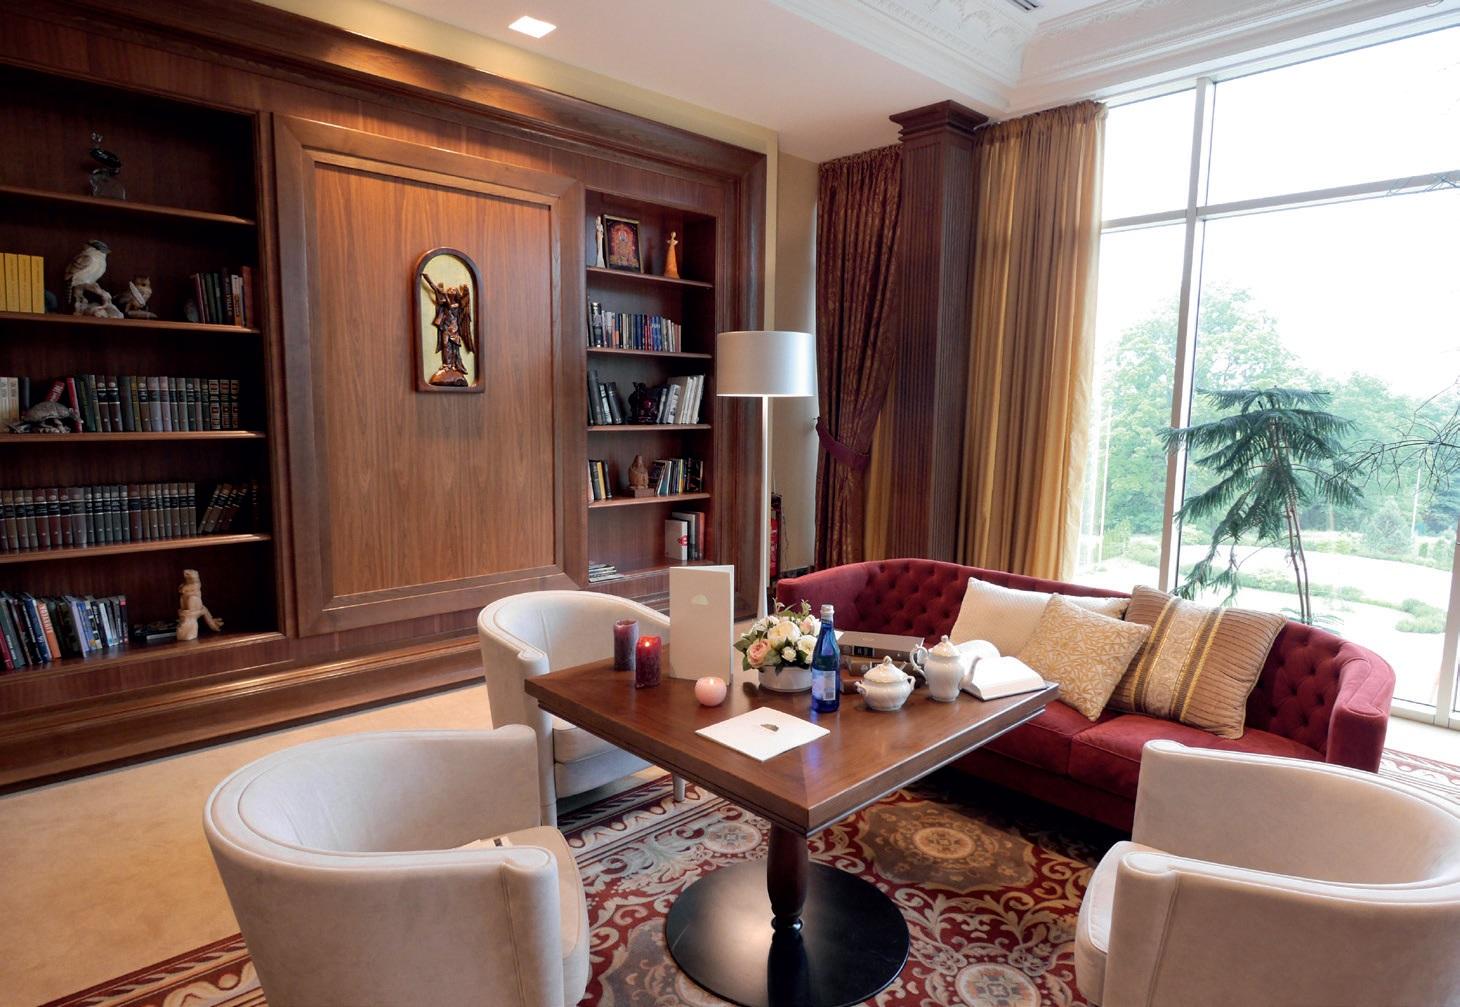 Viešbutyje įrengta jauki biblioteka, kurioje esančia knygų kolekcija bei stalo žaidimais gali naudotis visi viešbučio gyventojai